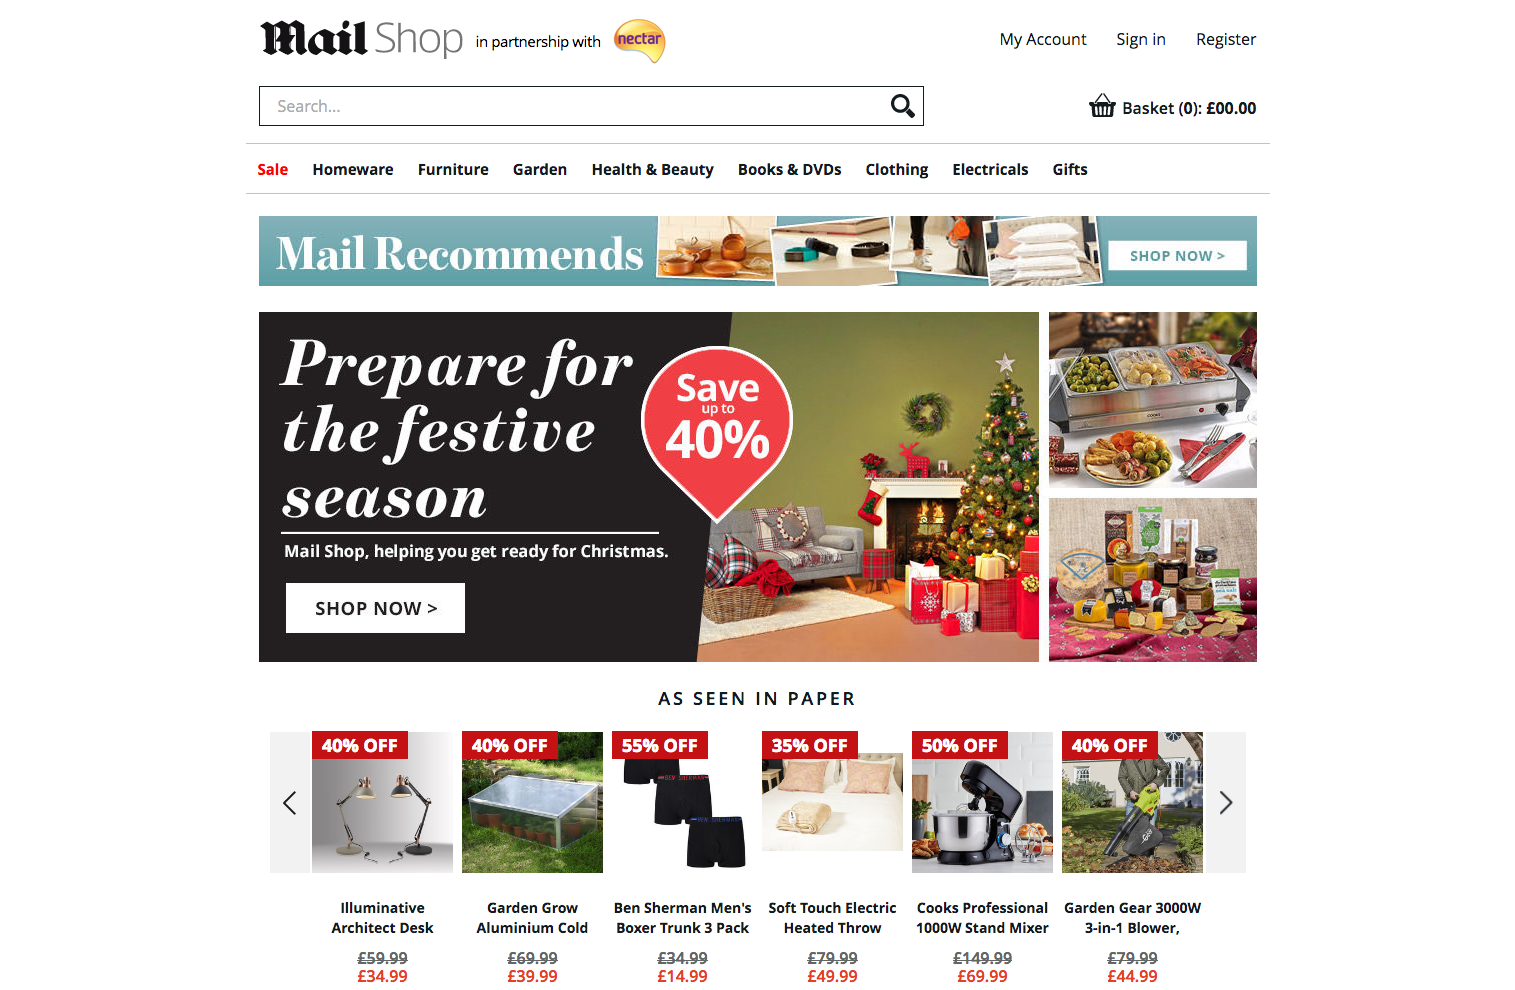 Магазин Daily Mail специализируется на продаже товаров для дома и сада